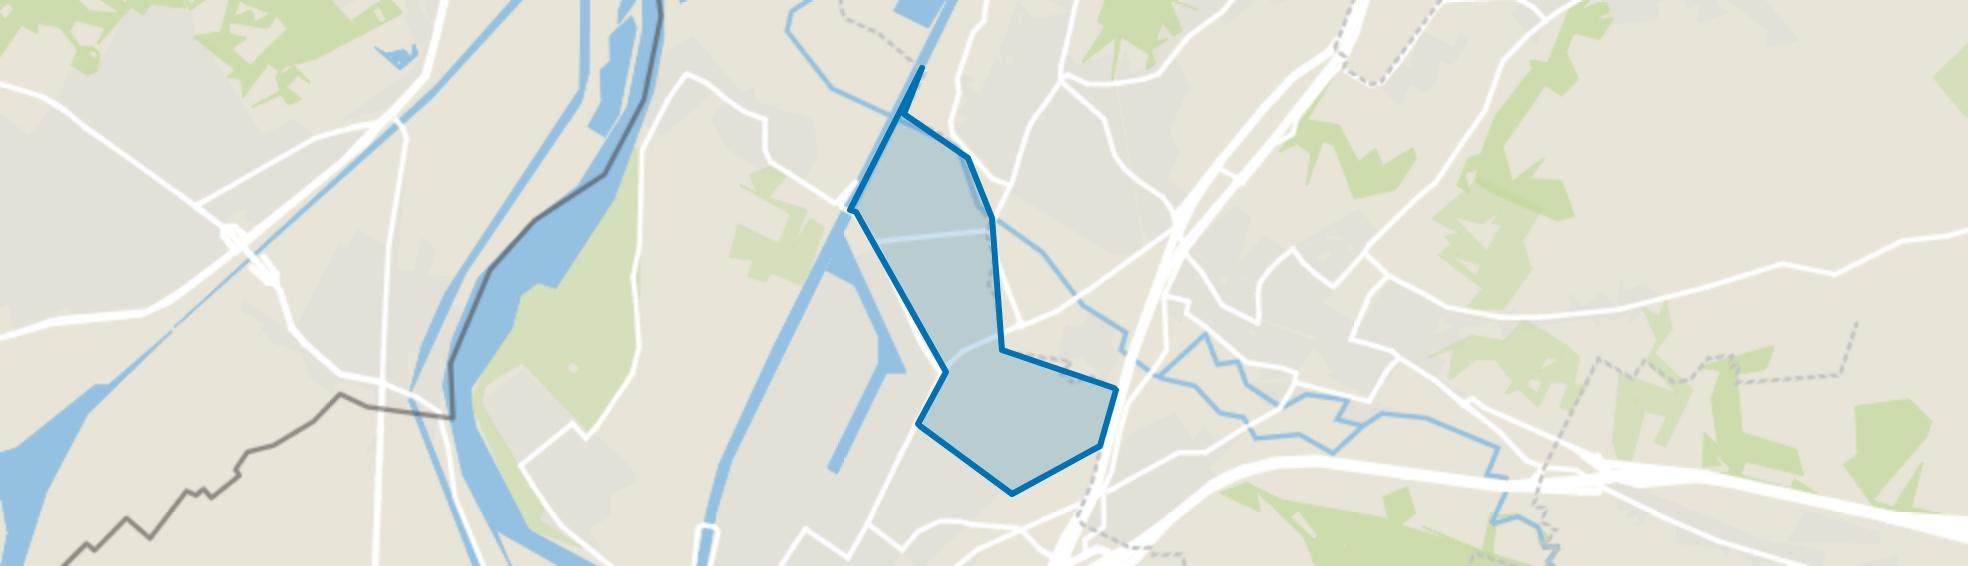 Meerssenhoven, Maastricht map